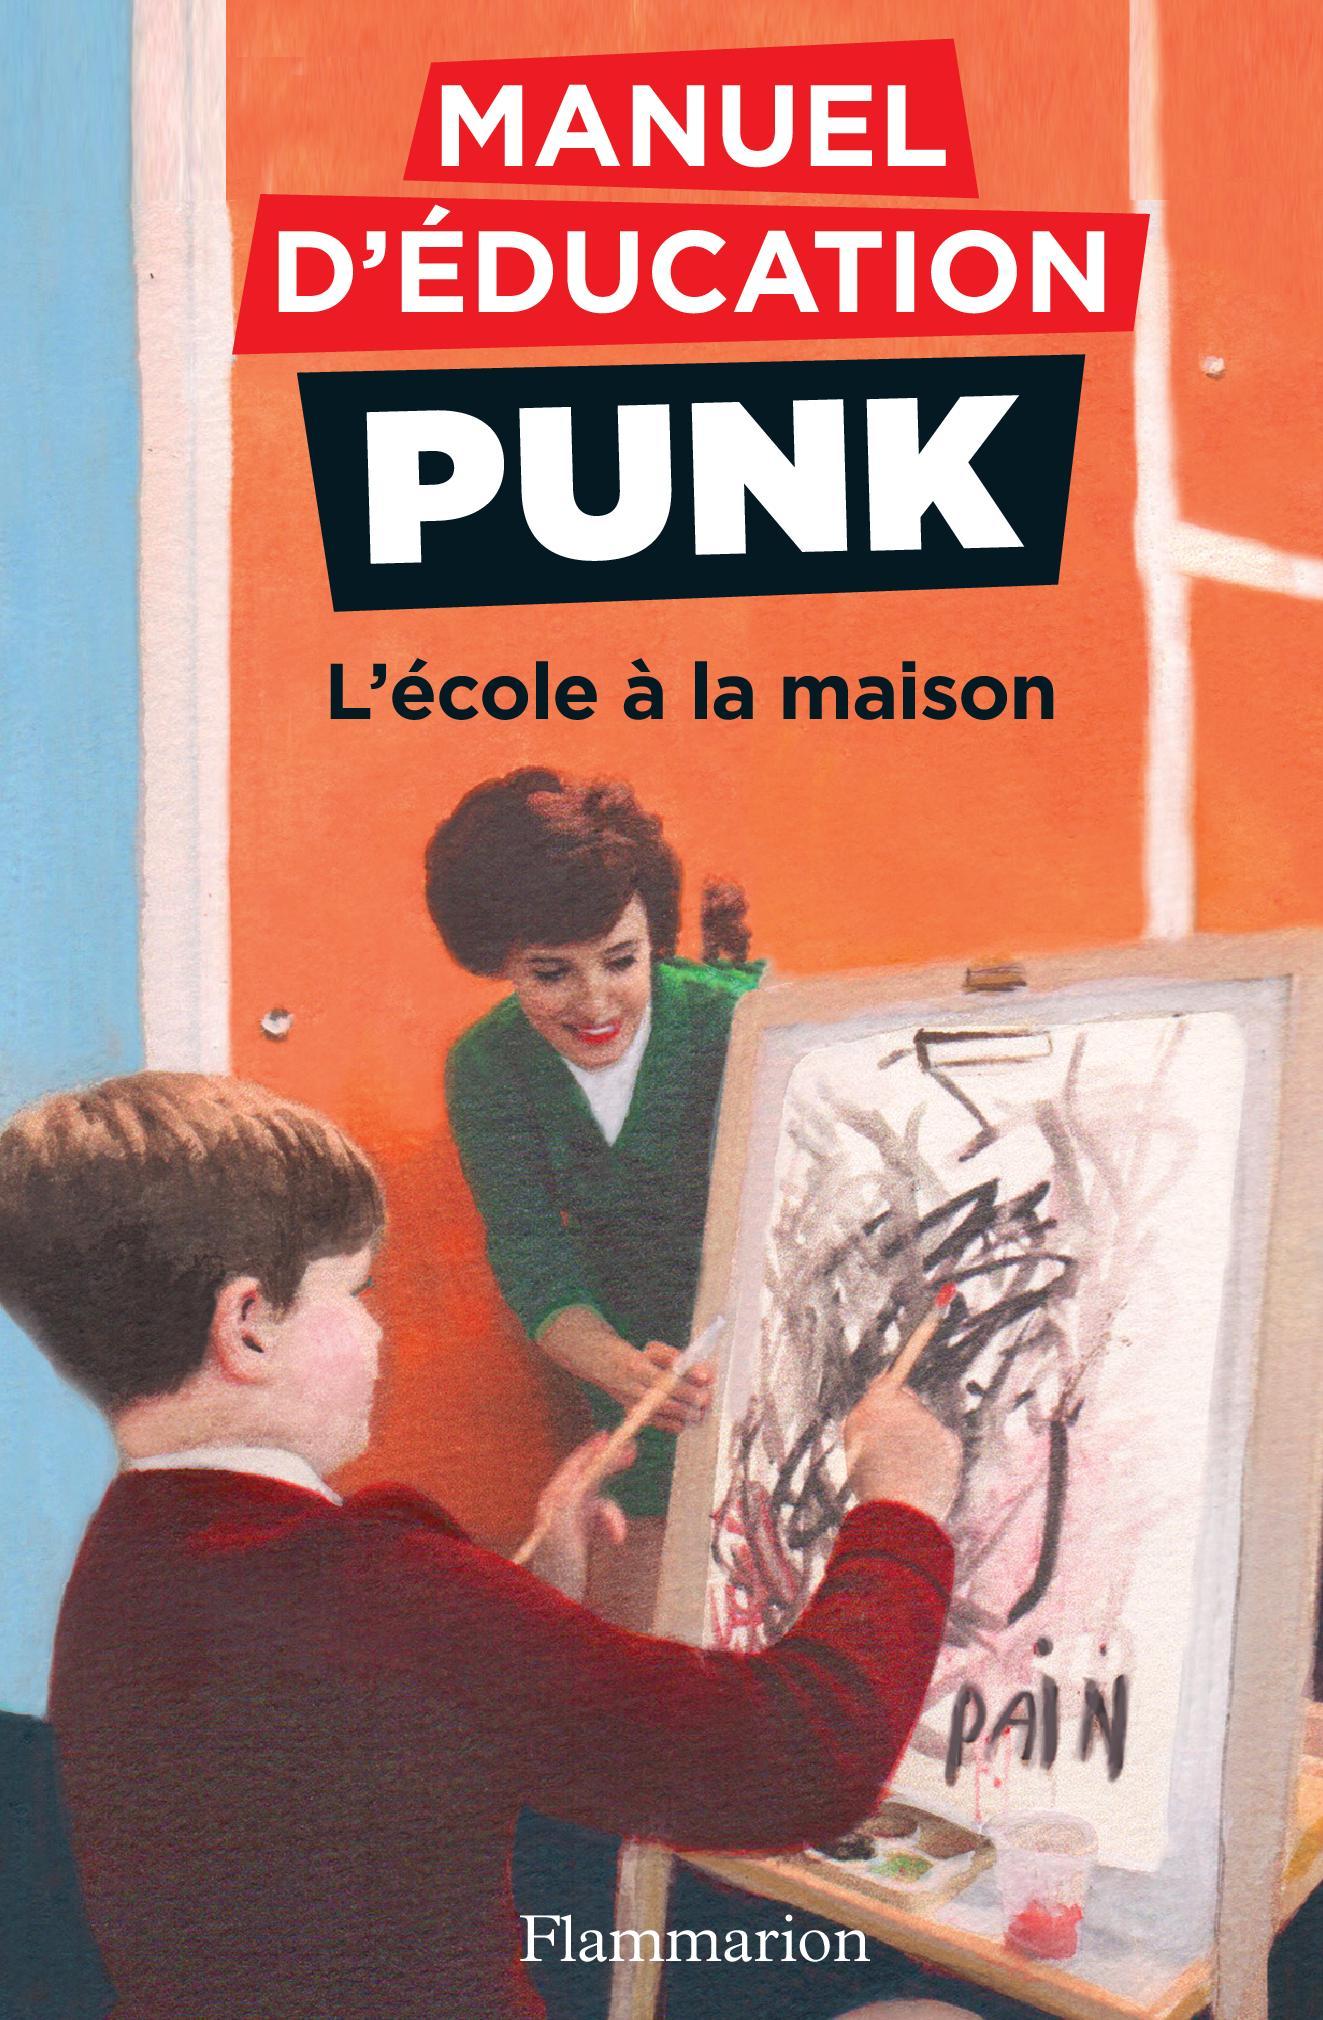 Manuel d'éducation punk (3)...